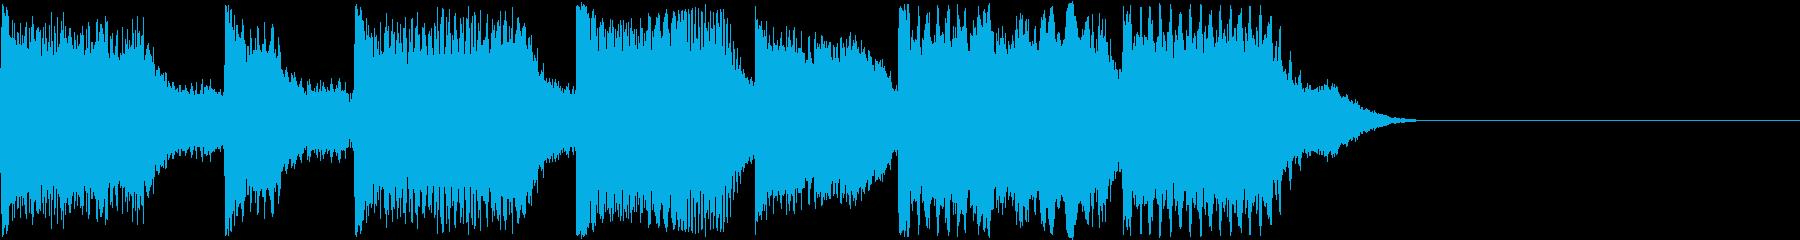 AI メカ/ロボ/マシン動作音 28の再生済みの波形